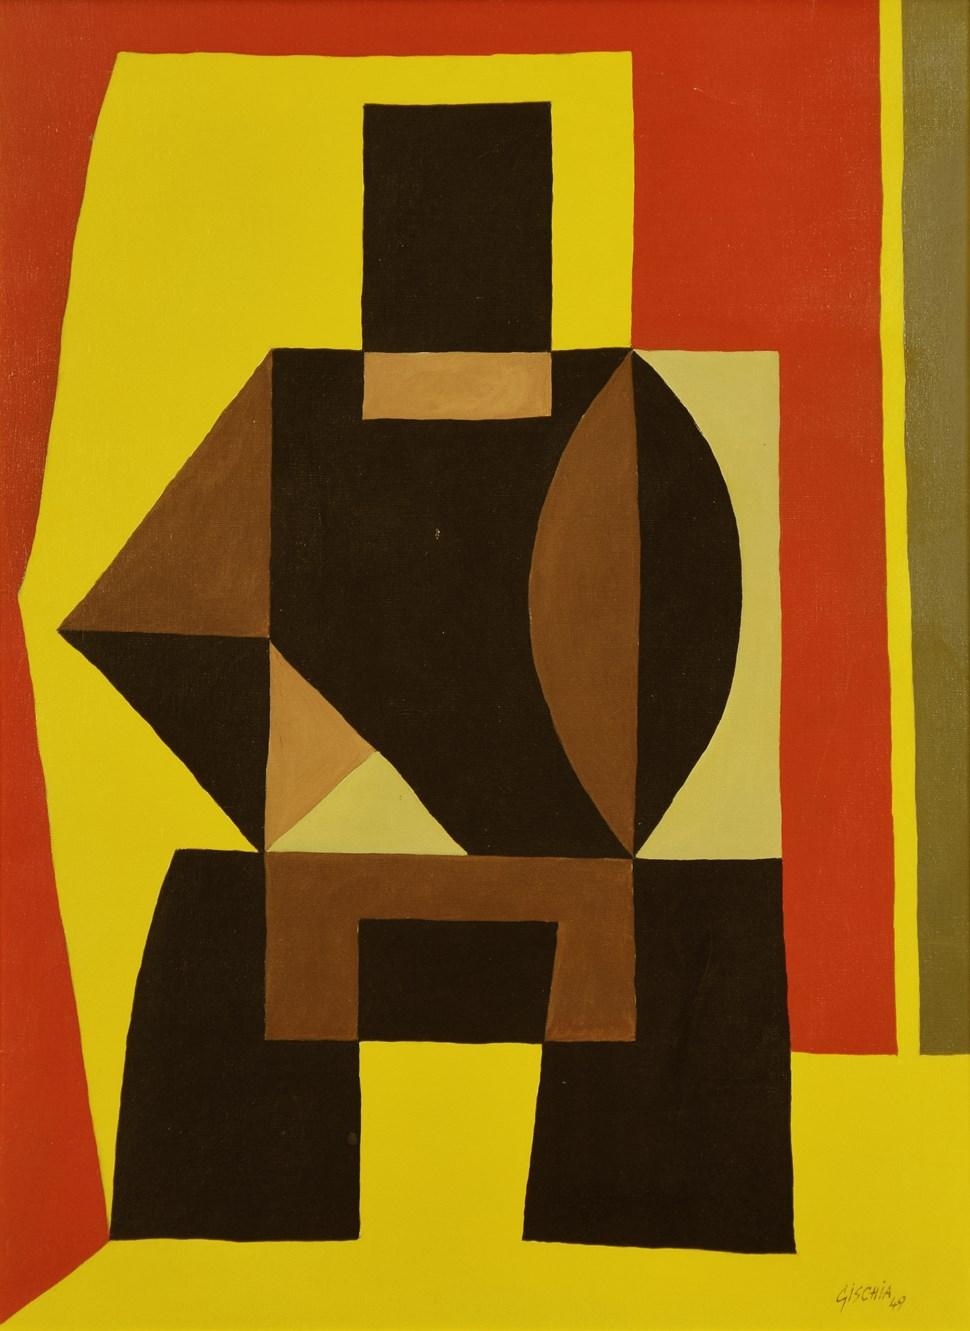 Composition - Léon Gischia (1903 - 1991)